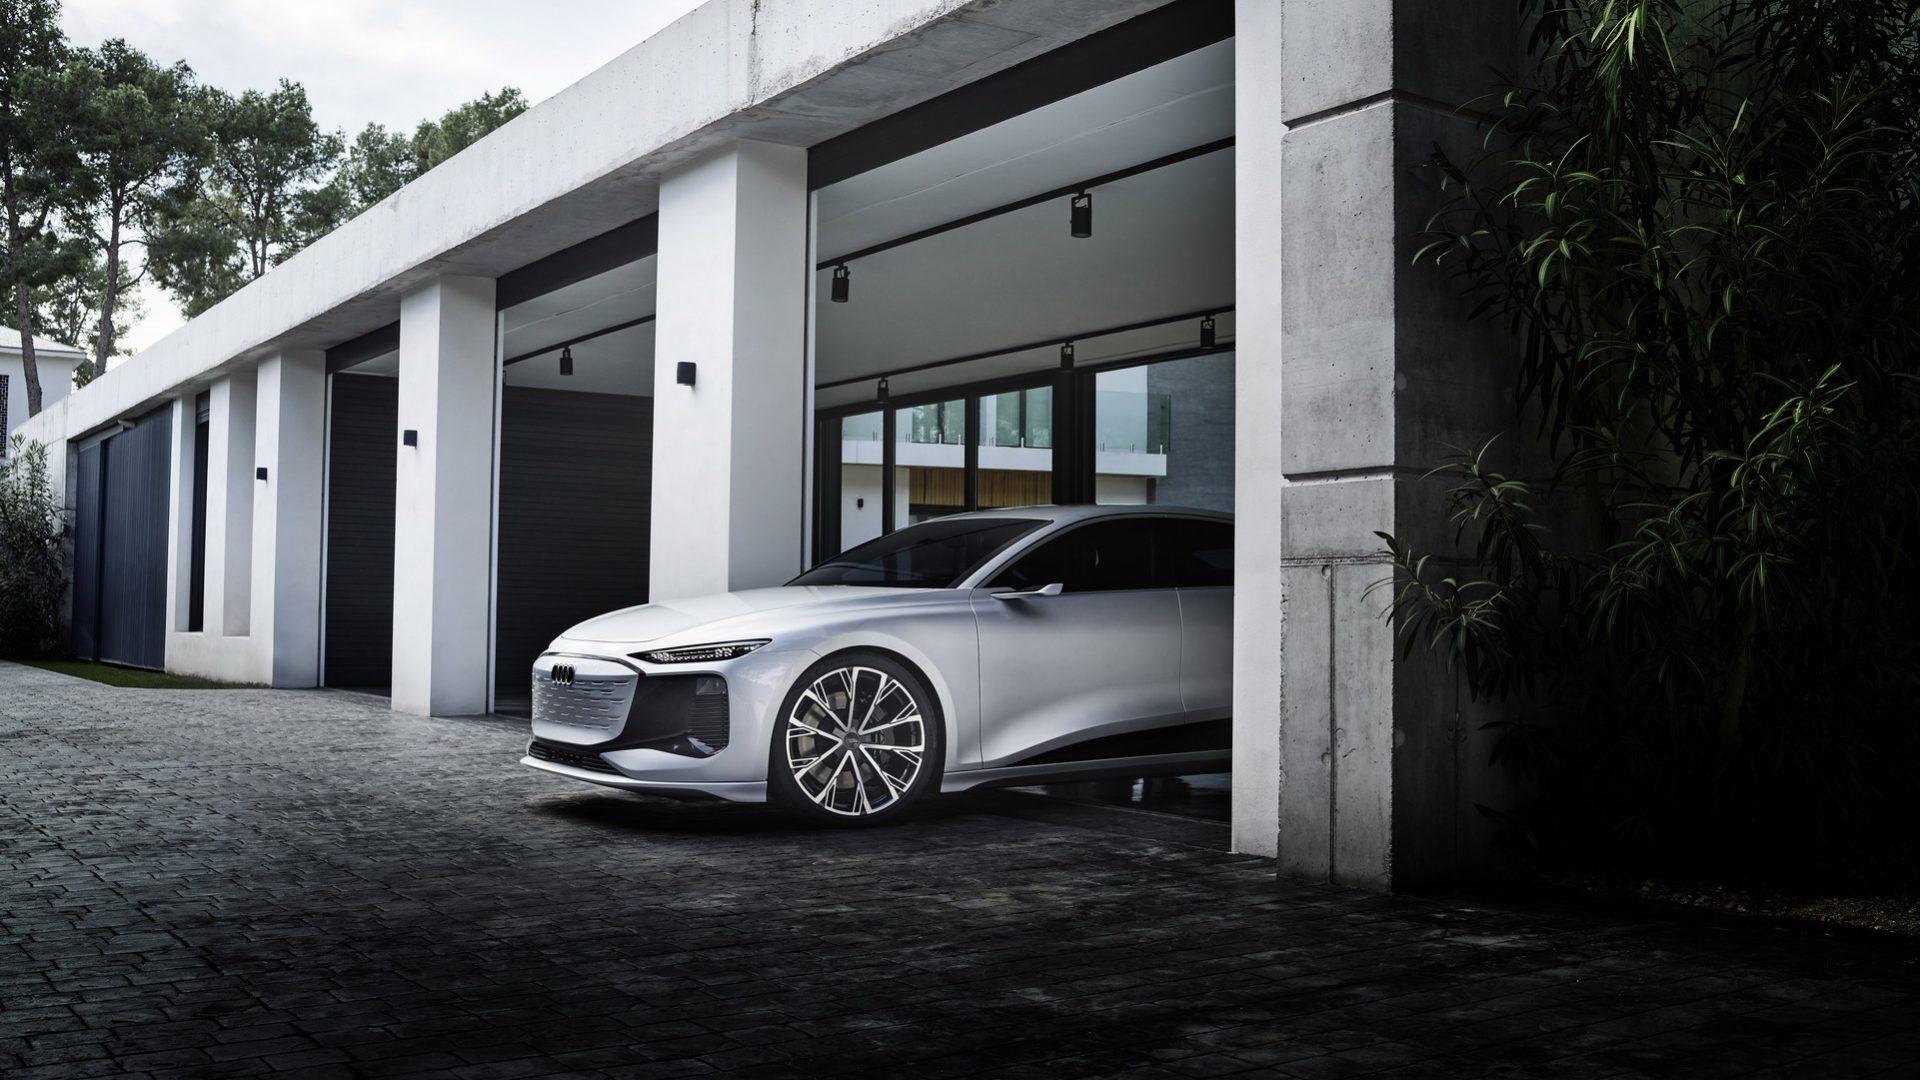 2021-Audi-A6-e-tron-Concept-42